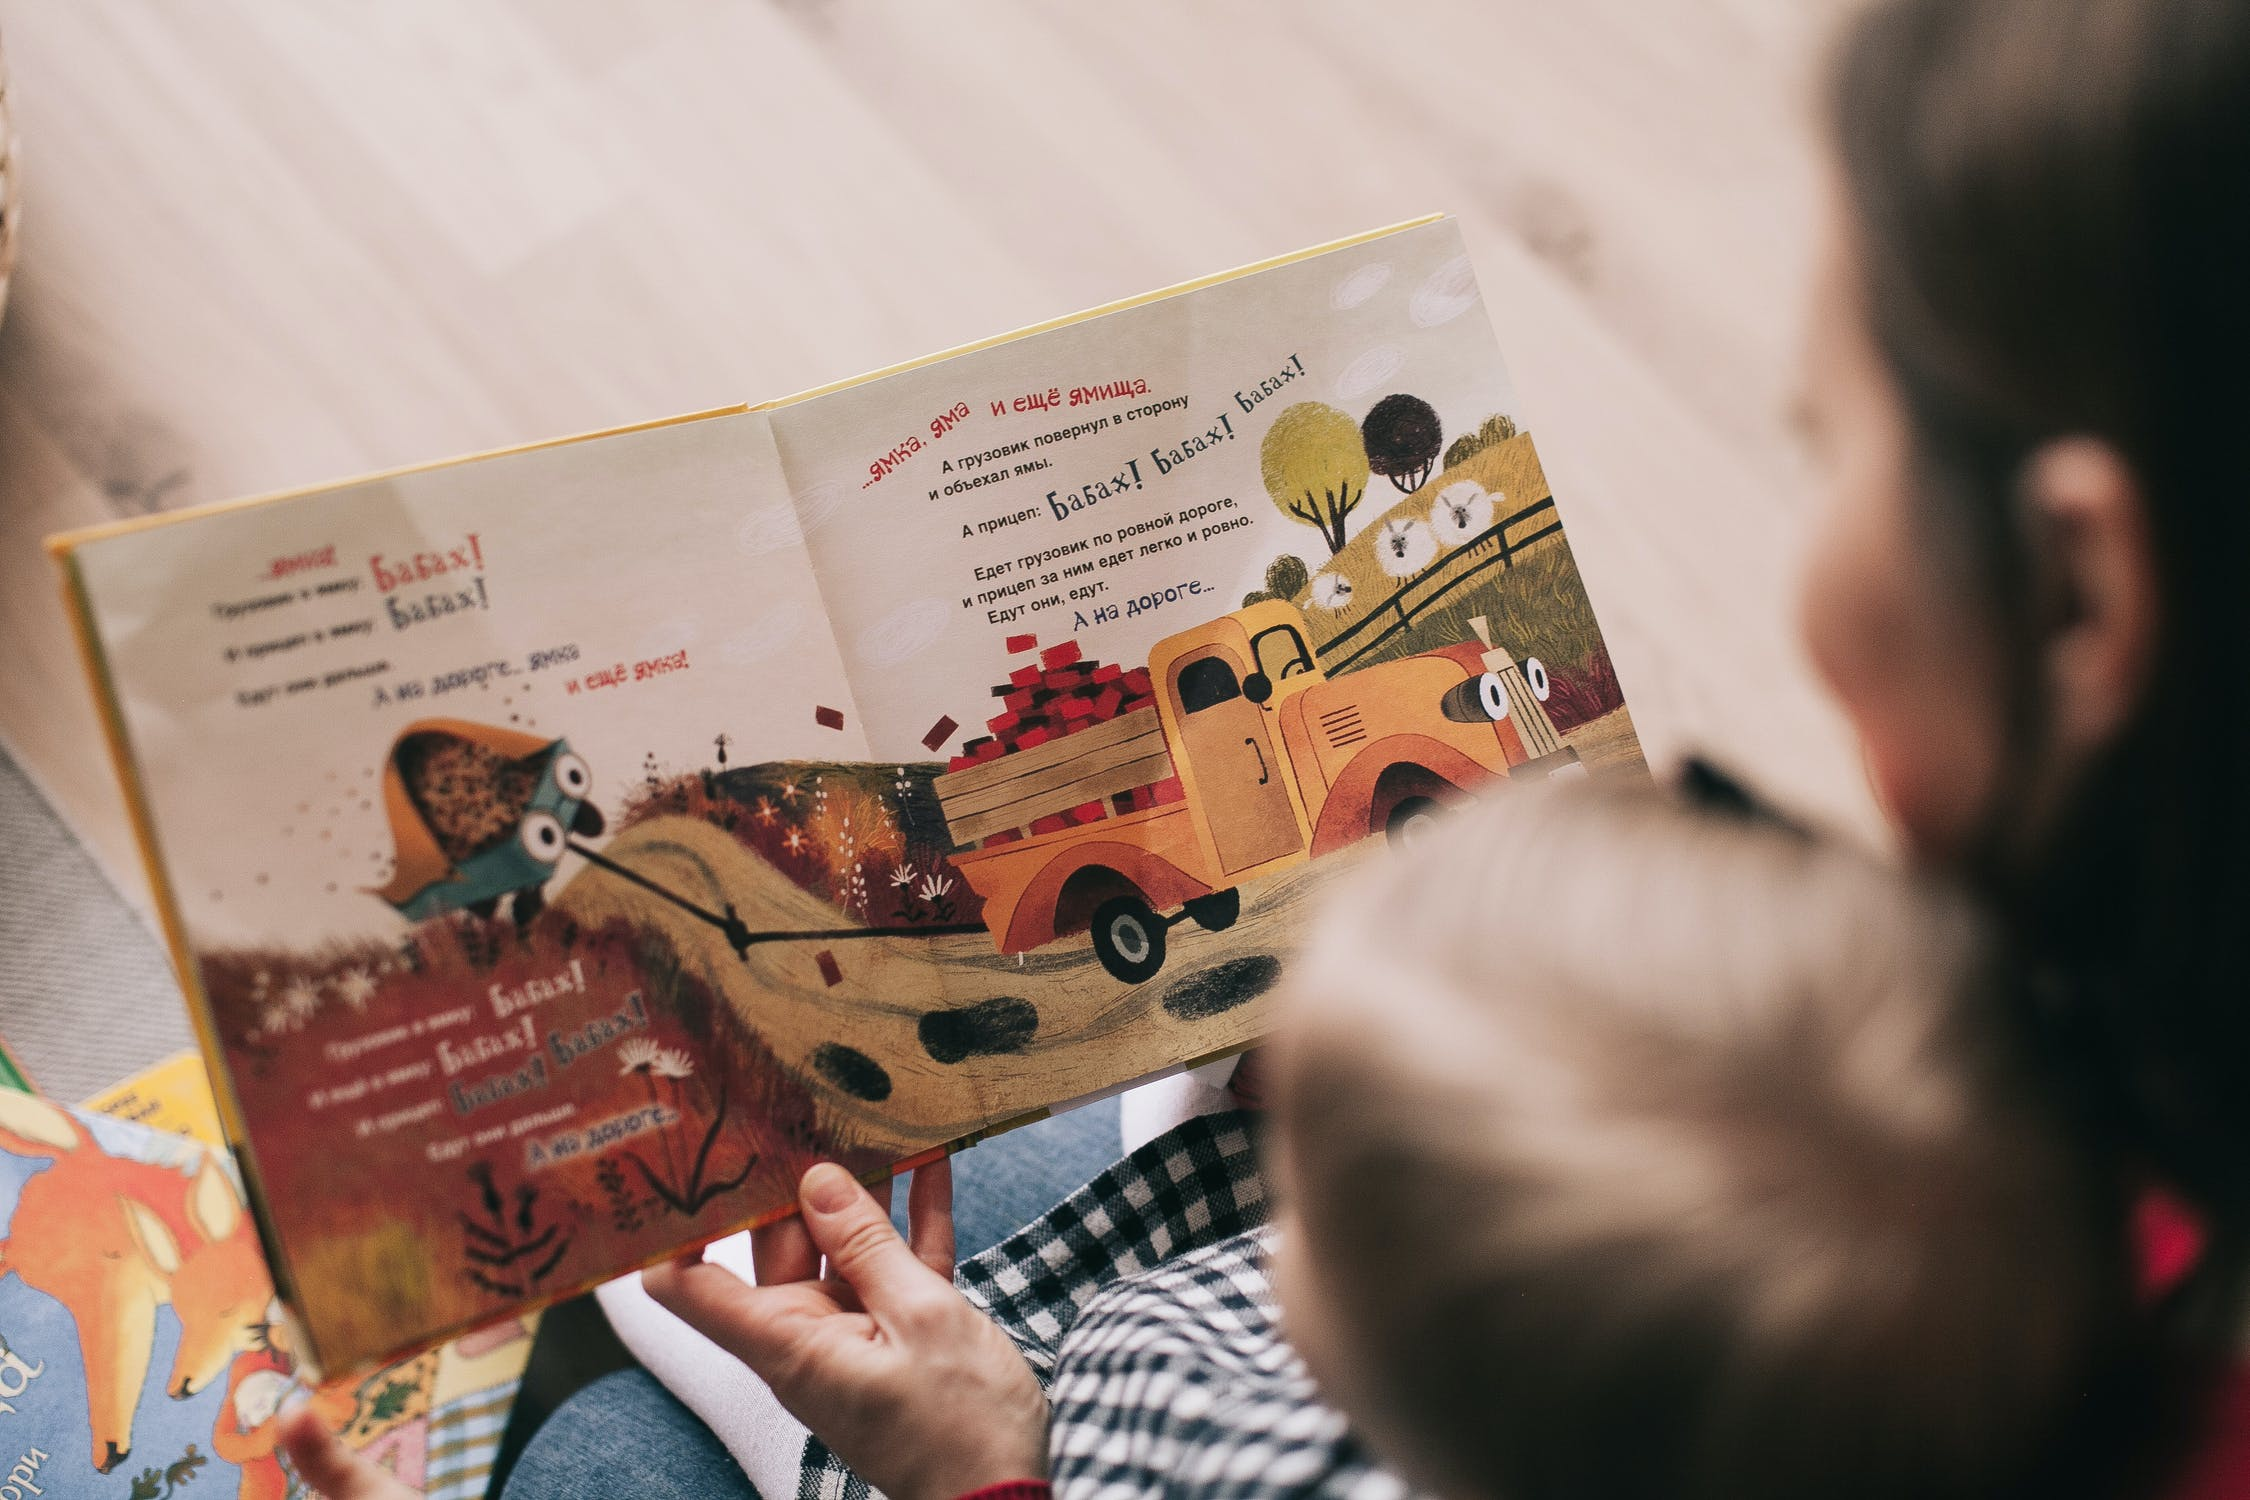 การอ่านหนังสือกับลูกมีประโยชน์อย่างไรบ้าง